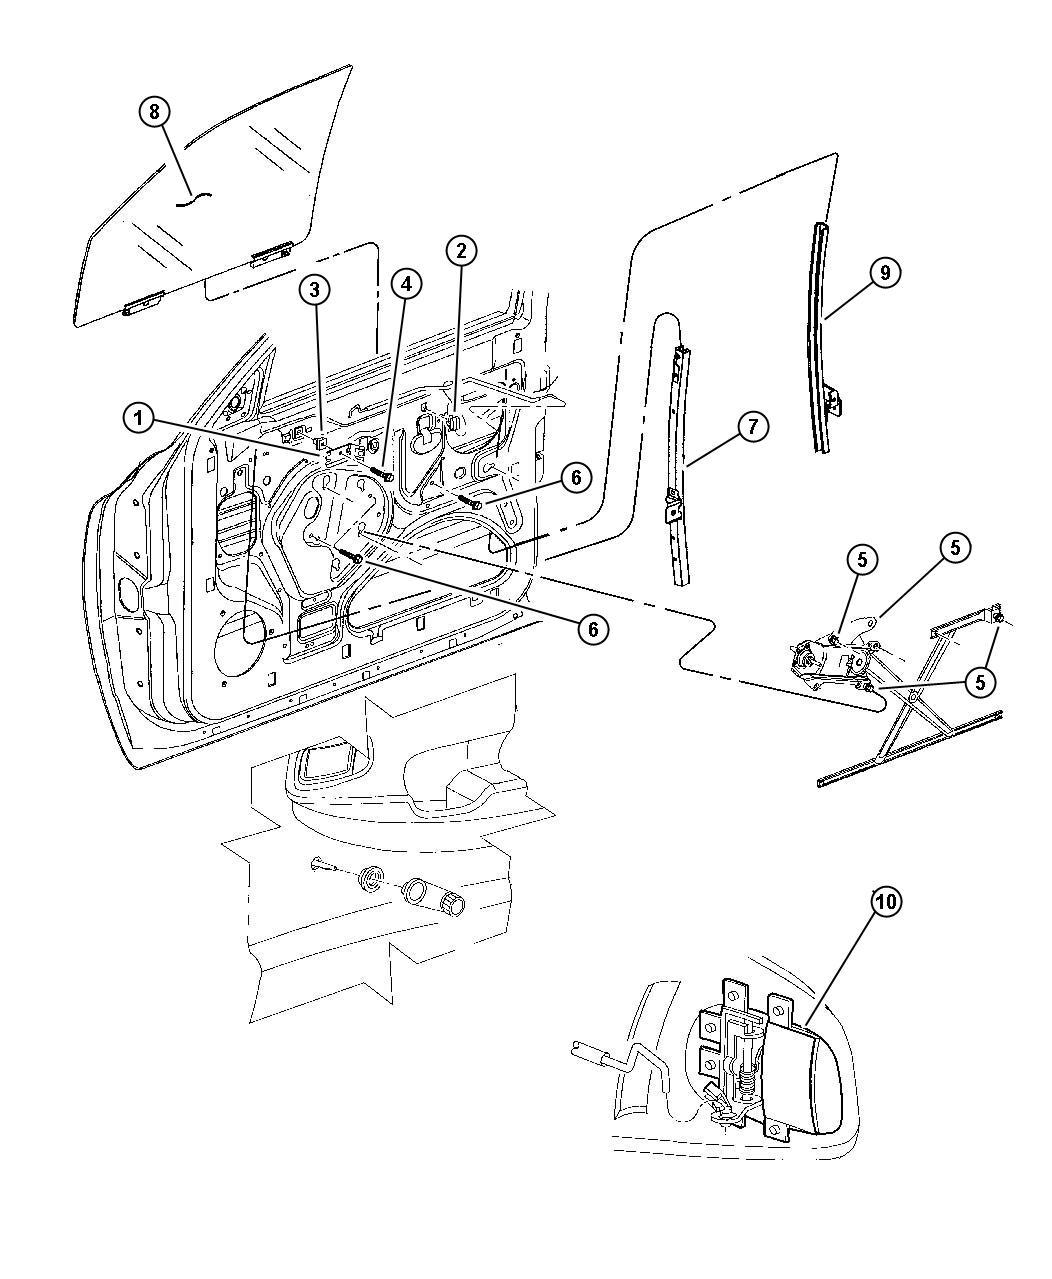 2008 volkswagen jetta gli fuse diagram besides 2003 audi tt radio wiring diagram furthermore ford tempo